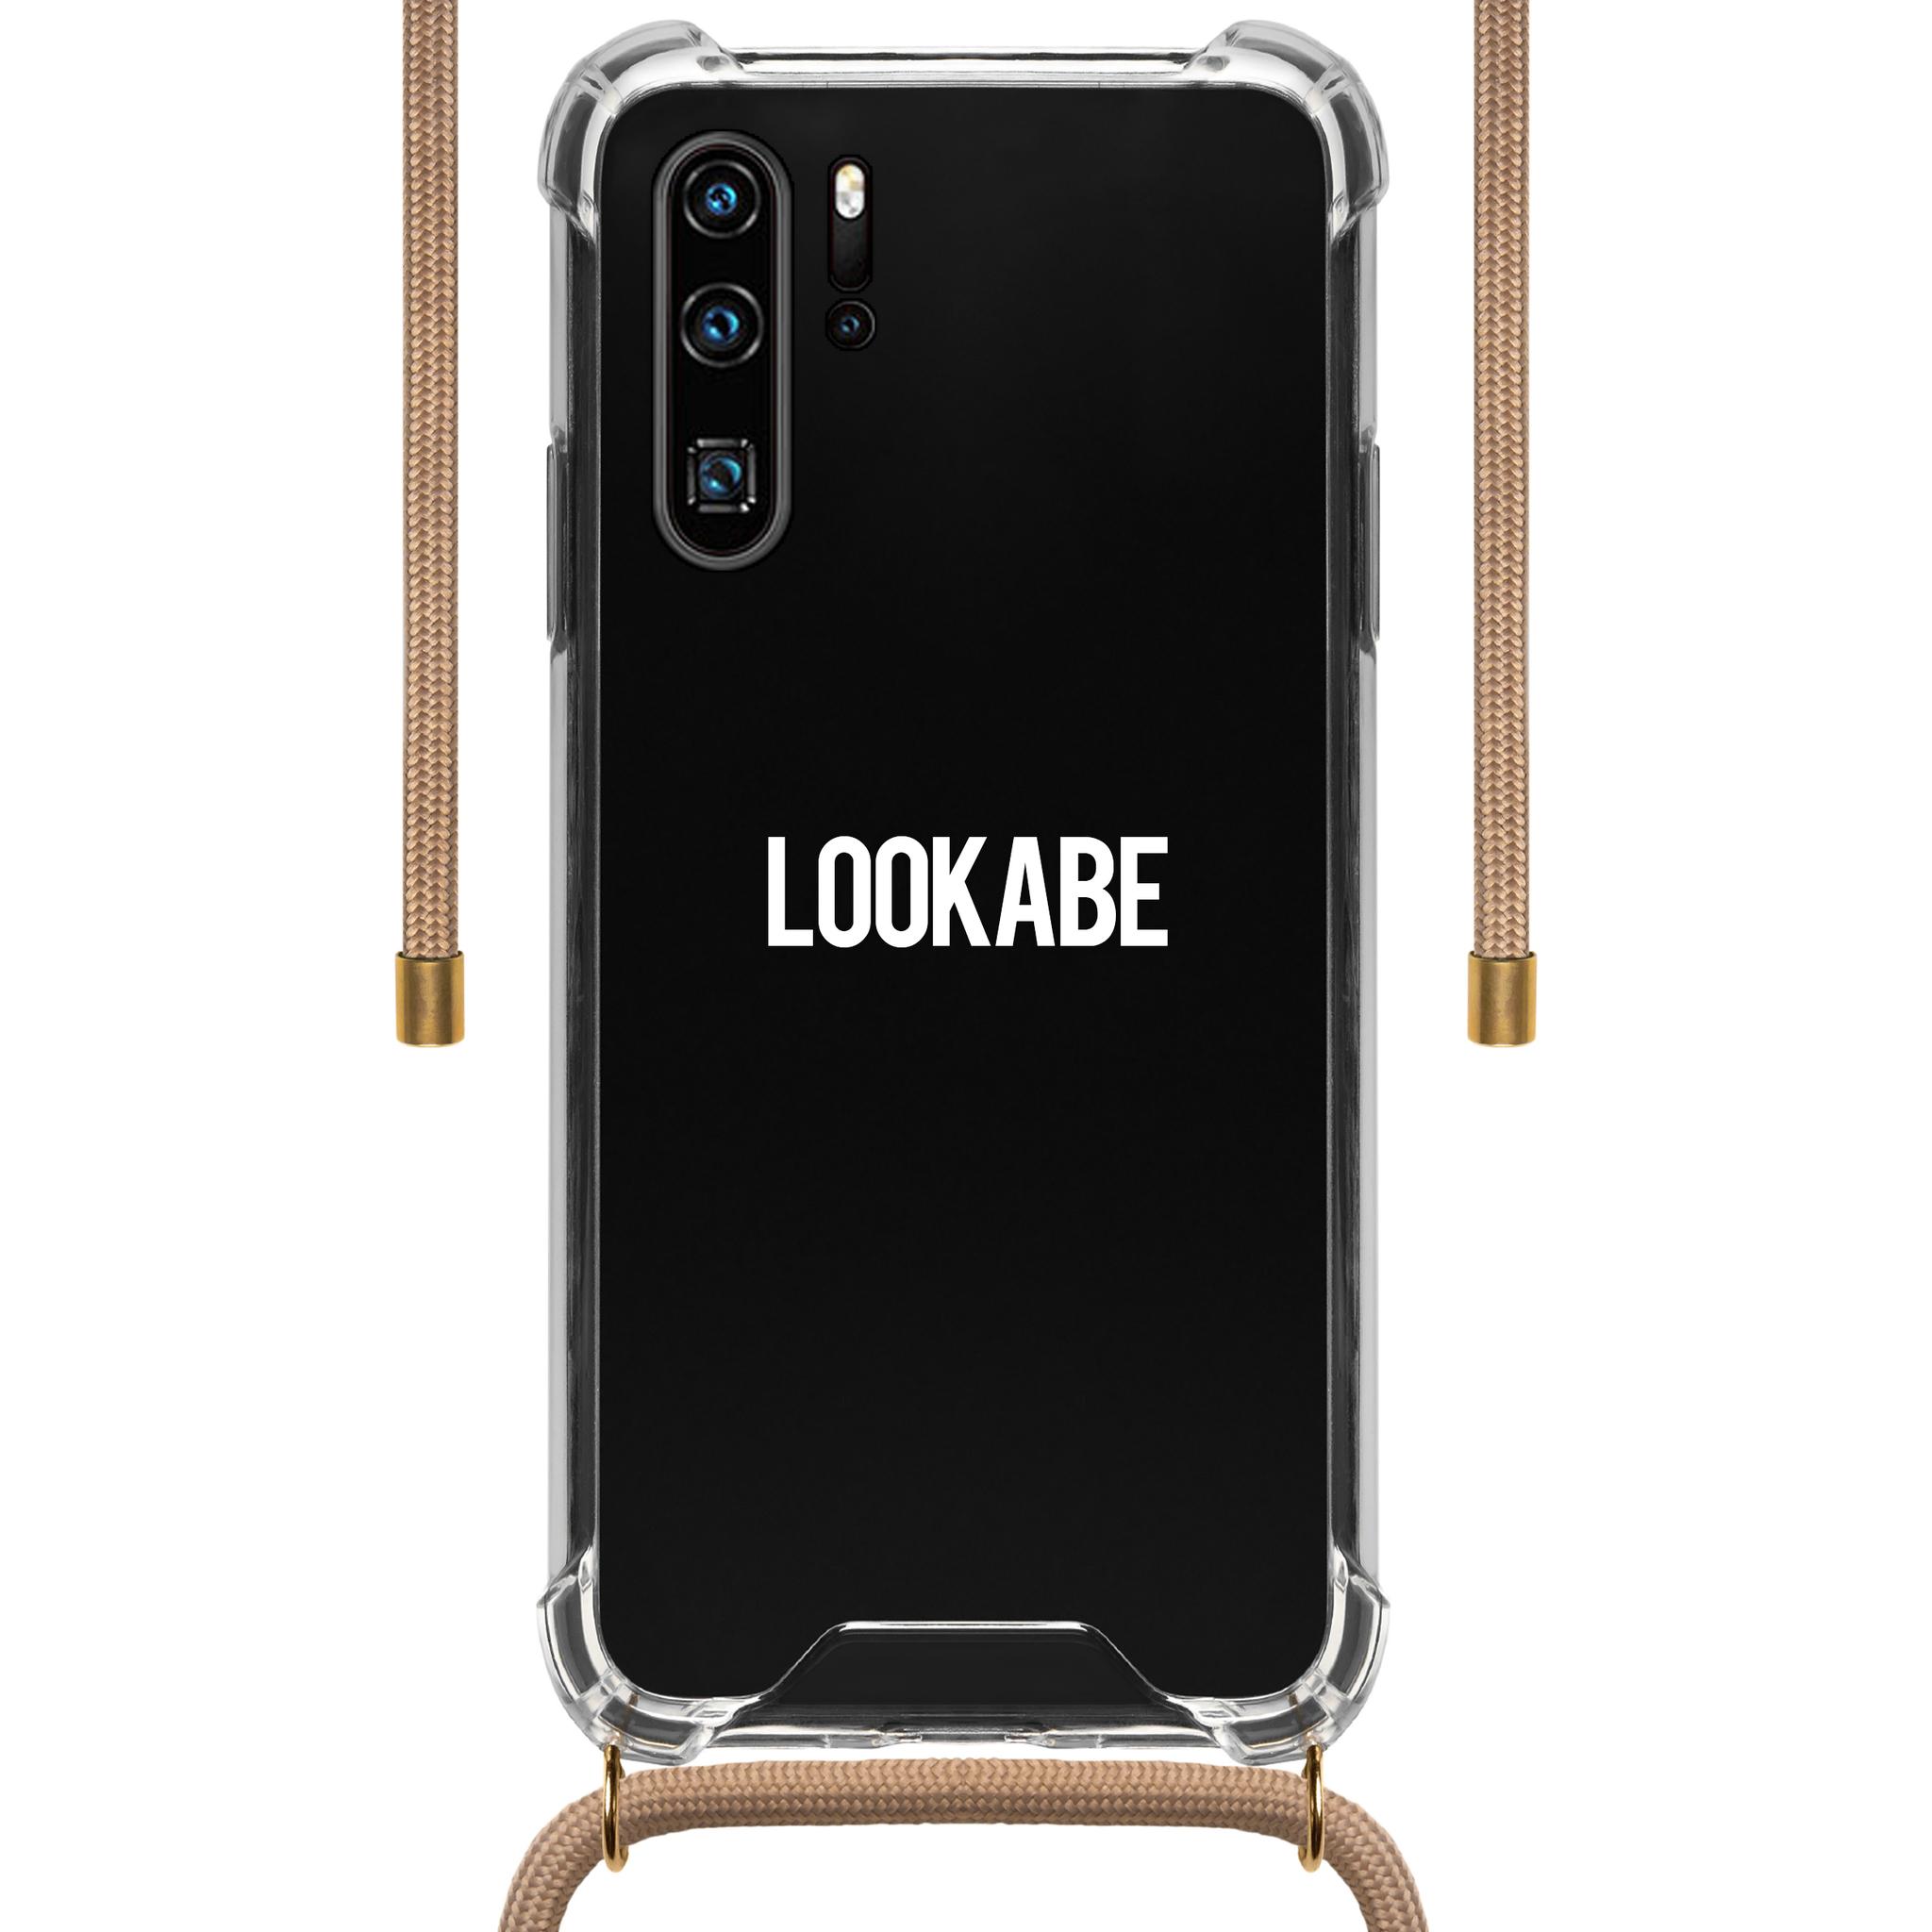 LOOKABE Necklace Case Tasche für iPhone XR Handykette